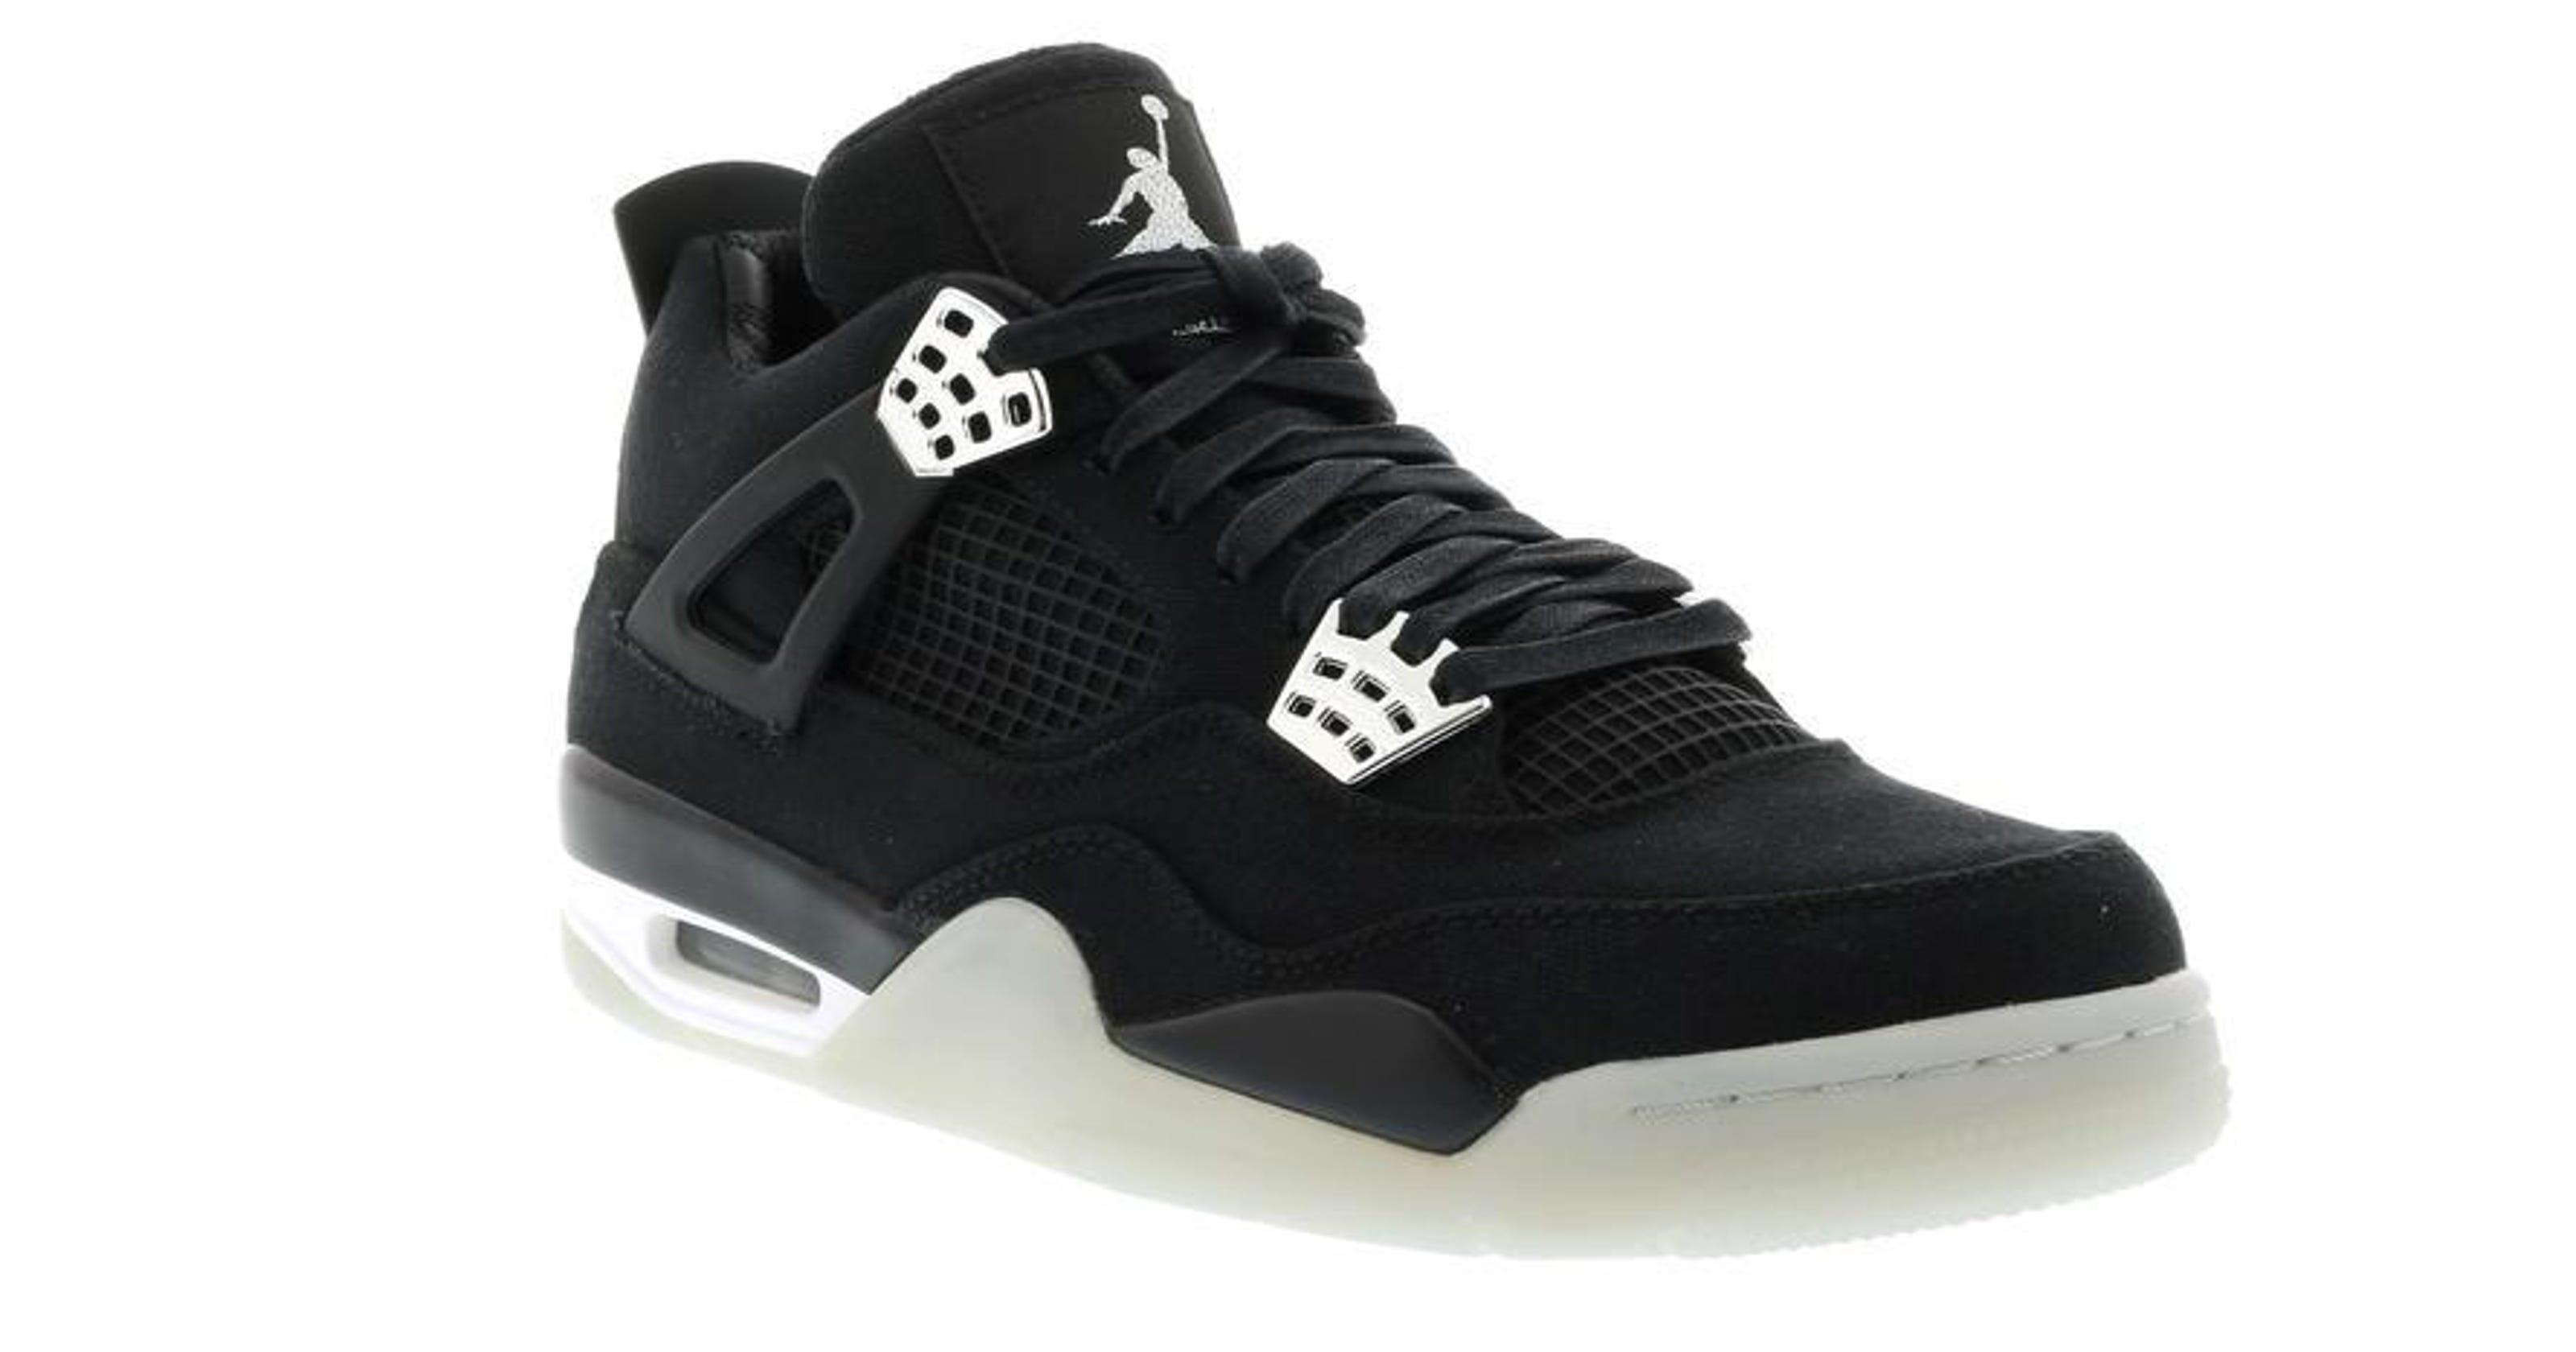 Eminem offers sneakers for Gilbert s fledgling online stock market a6ef6baf9c74